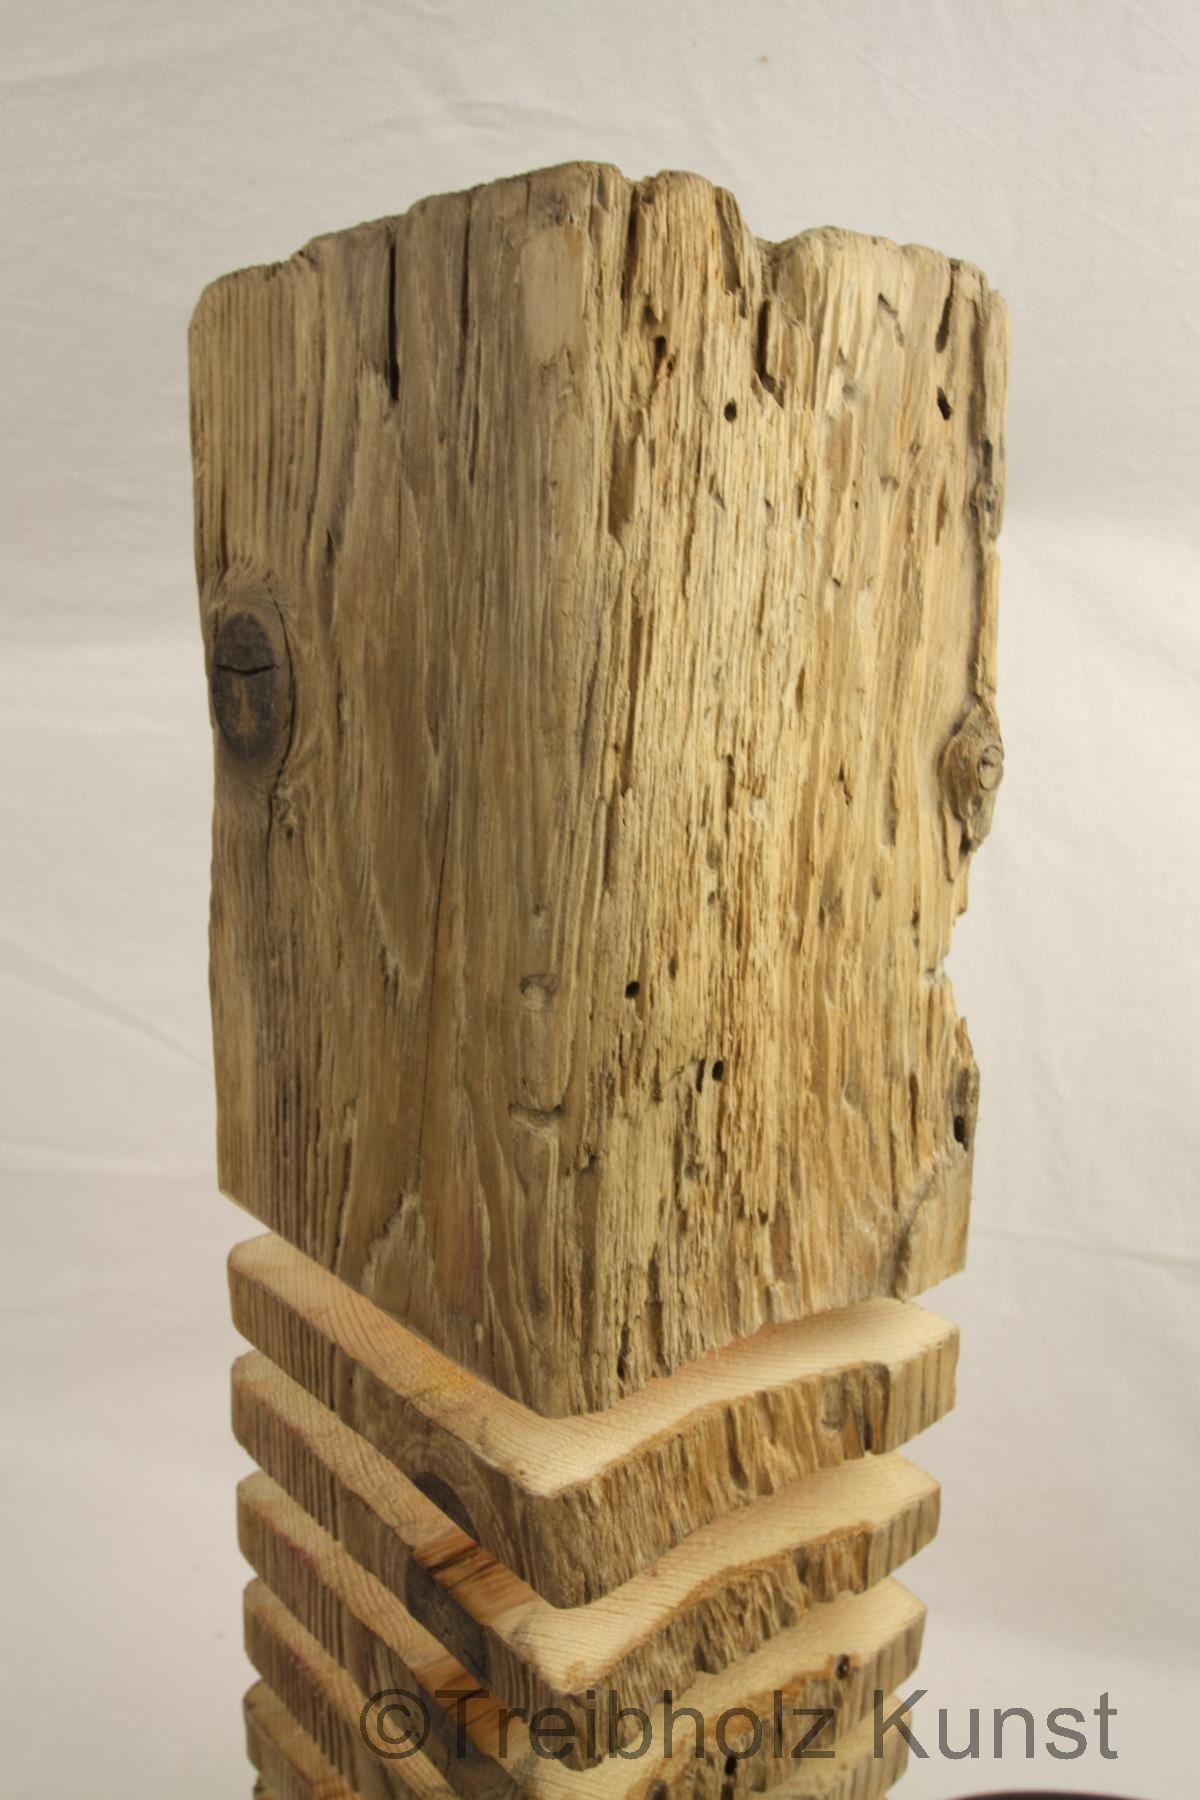 100 lampe holz design 2245 2260 restroom images. Black Bedroom Furniture Sets. Home Design Ideas